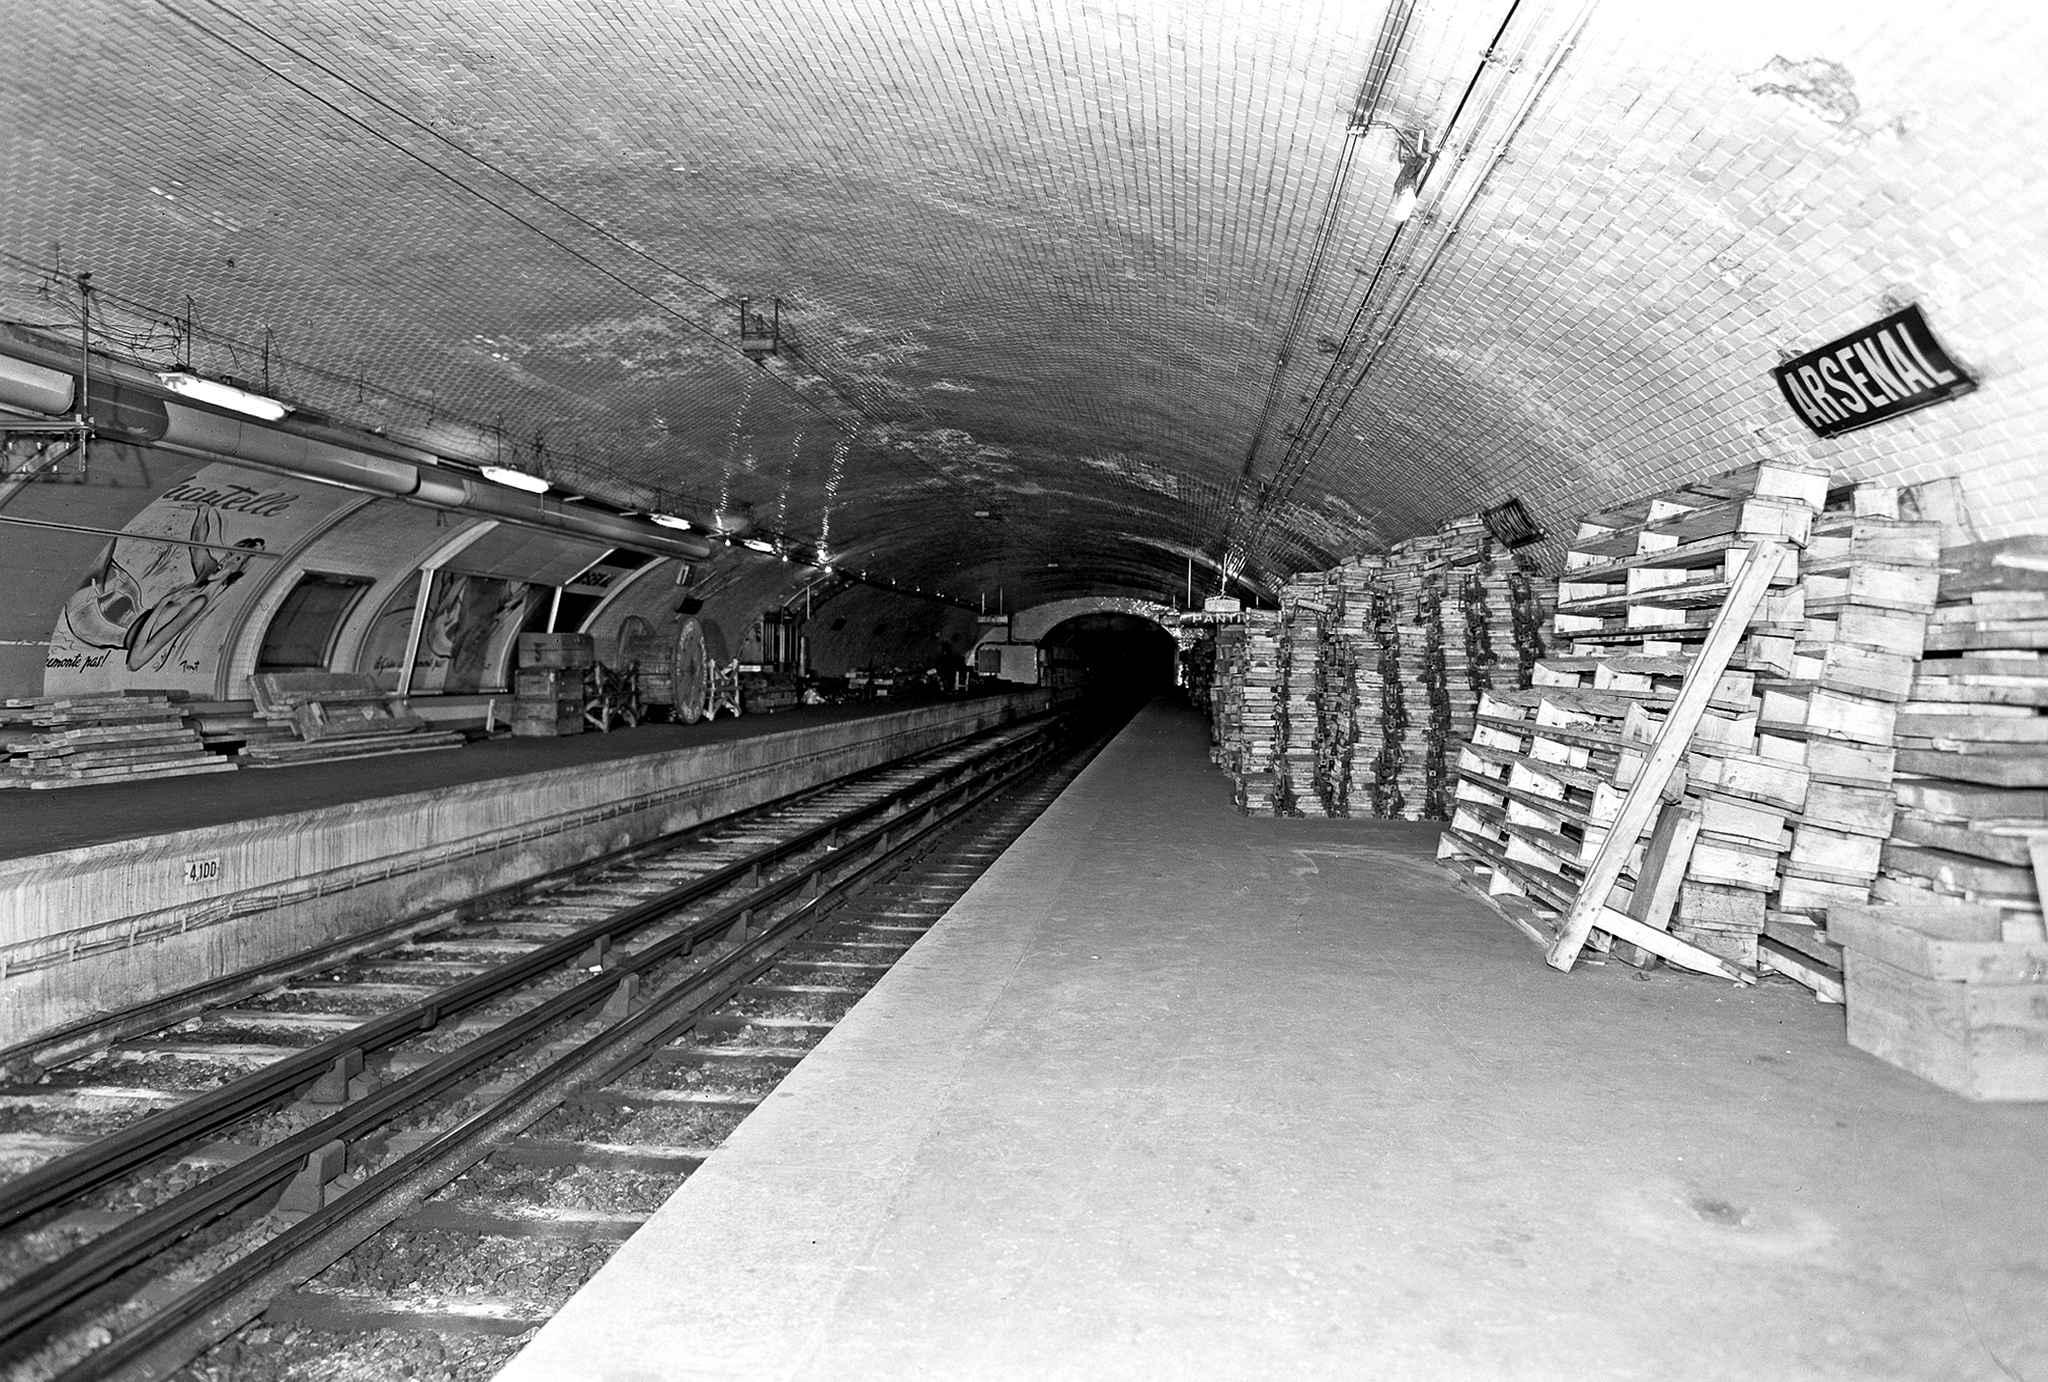 Staţia de metrou Arsenal, deschisă în 1906, închisă în 1939. În prezent serveşte ca spaţiu pentru testări de echipamente tehnice. De asemenea, staţia Arsenal a fost un element-cheie a intrigii filmului La grosse ca